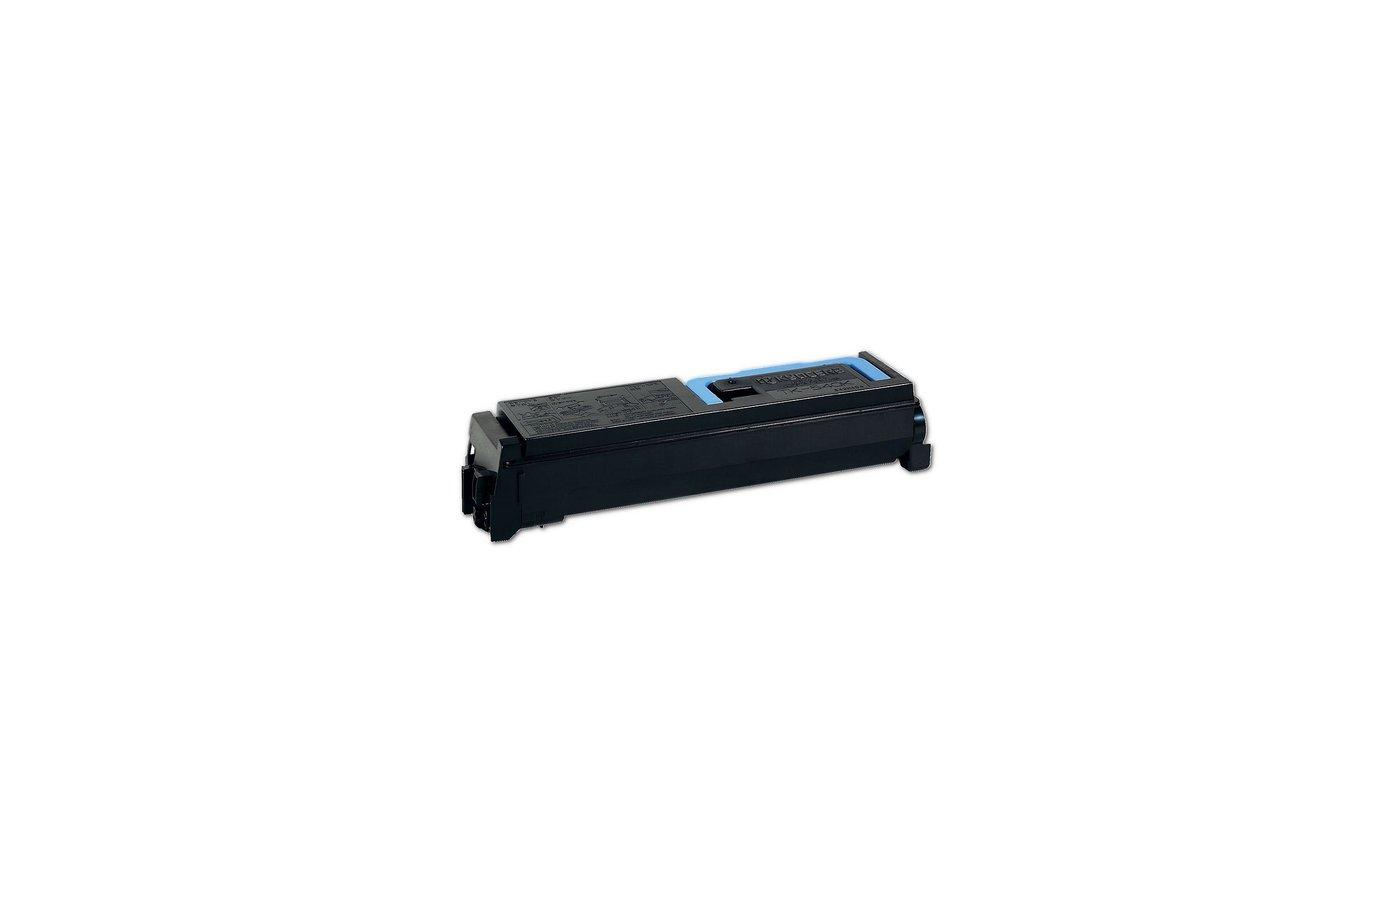 Картридж лазерный Kyocera TK-540Bk для FS-C5100DN. Чёрный. 5000 страниц.